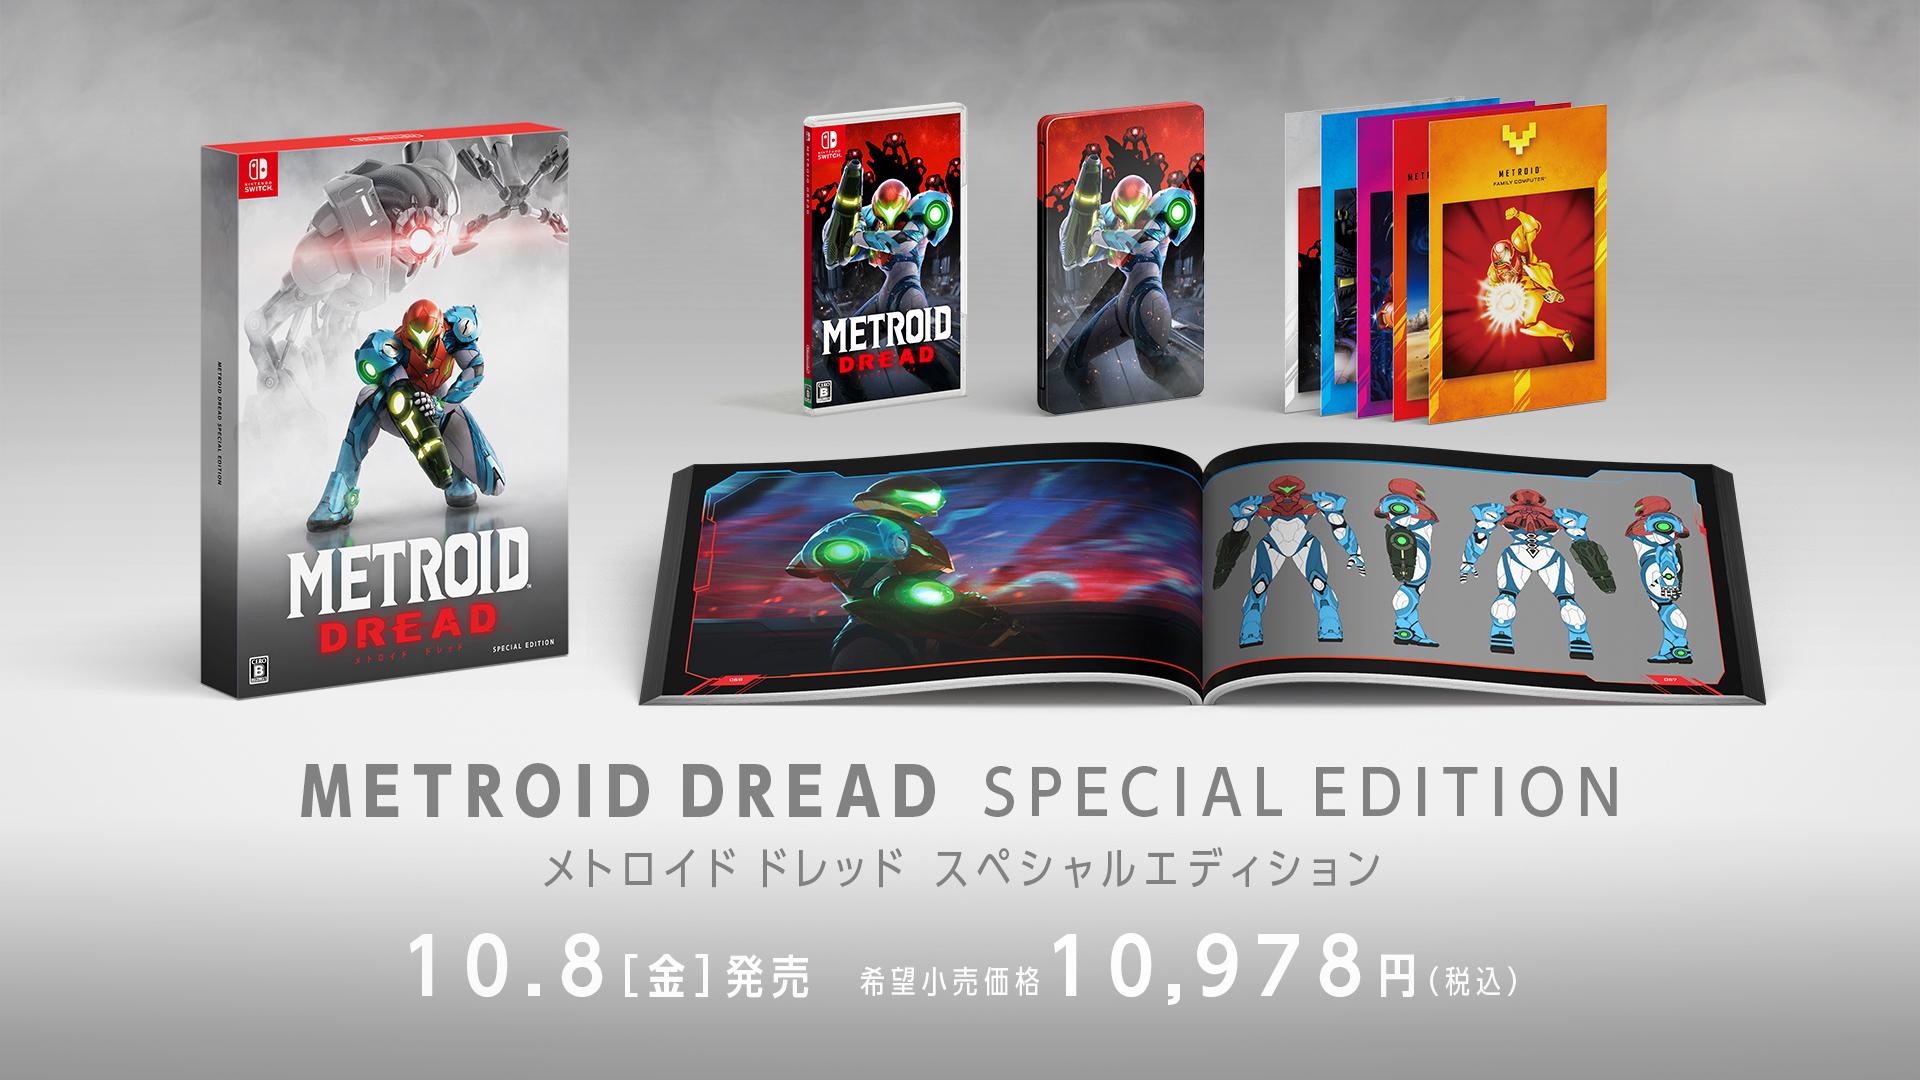 メトロイド ドレッド スペシャルエディション スチールブック METROID DREAD Japan steelbook